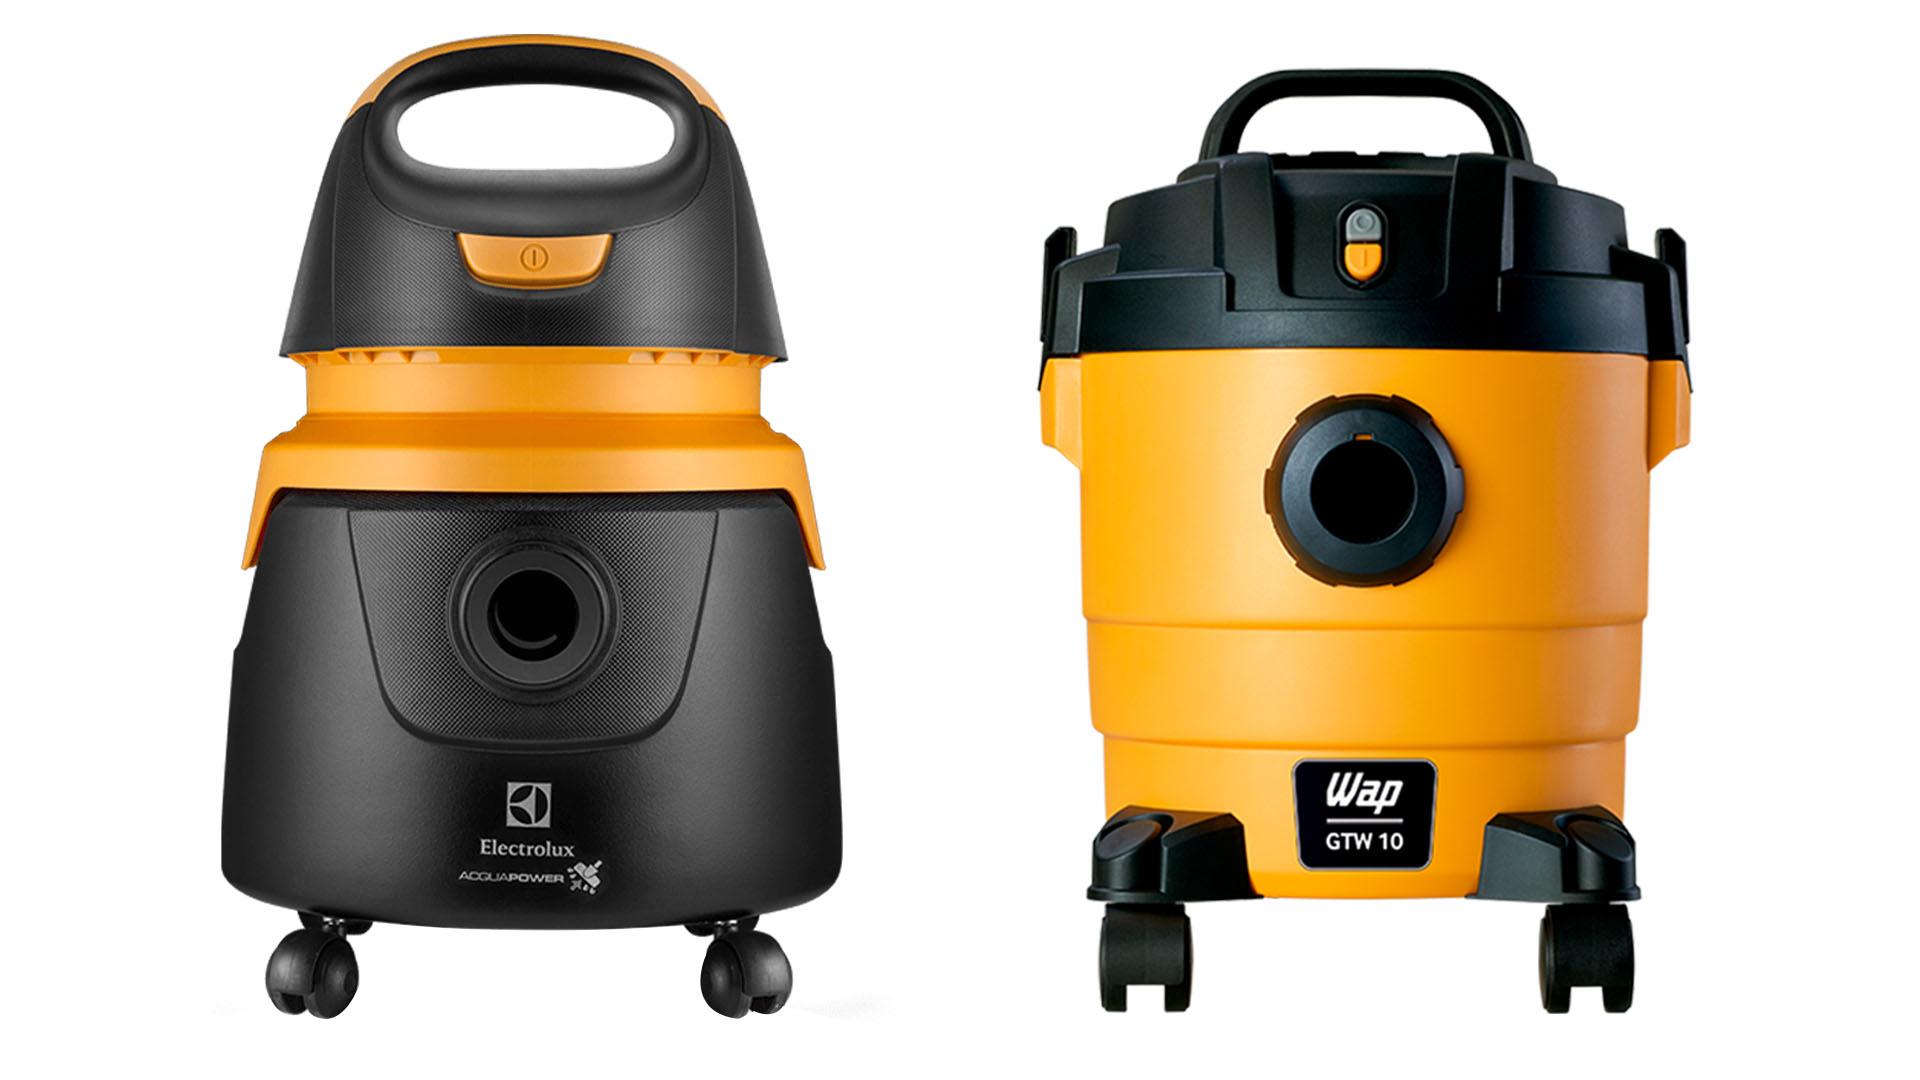 Mesmo que pareçam equivalentes na foto, o aspirador de pó Wap é bem menor que o aspirador de pó Electrolux (Fotos: Divulgação Electrolux/Wap)